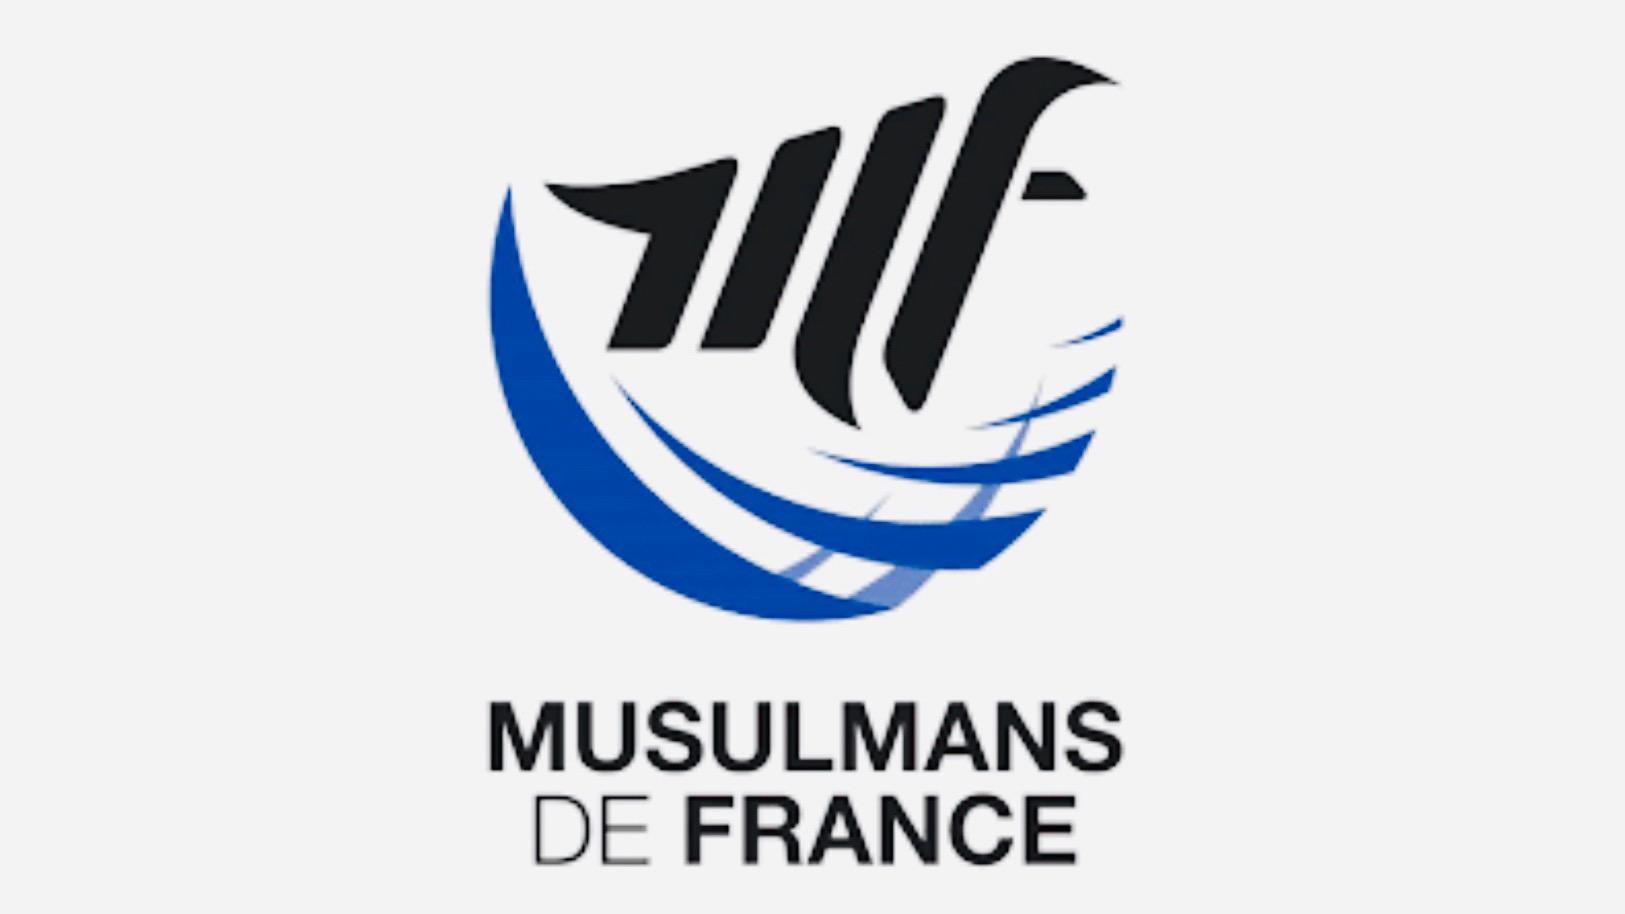 22 personnalités françaises appellent à la dissolution de l'organisation frères-musulmane Musulmans de France